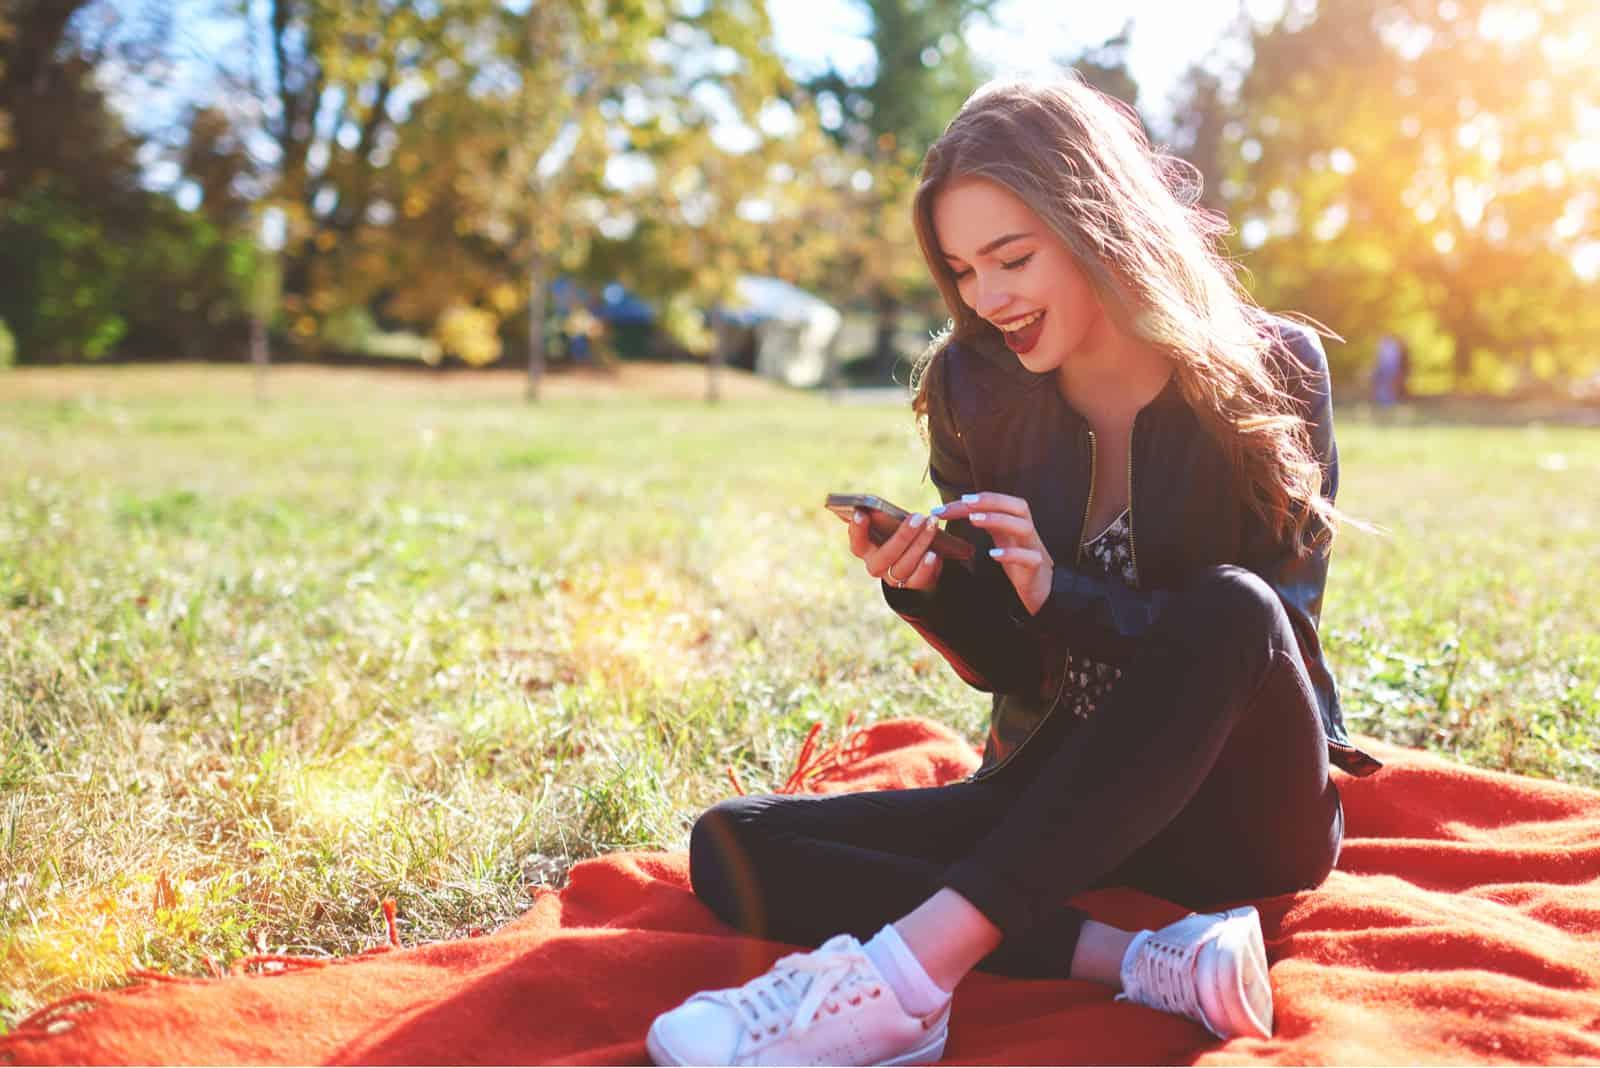 une femme souriante aux longs cheveux bruns est assise sur une couverture dans le parc et les clés du téléphone